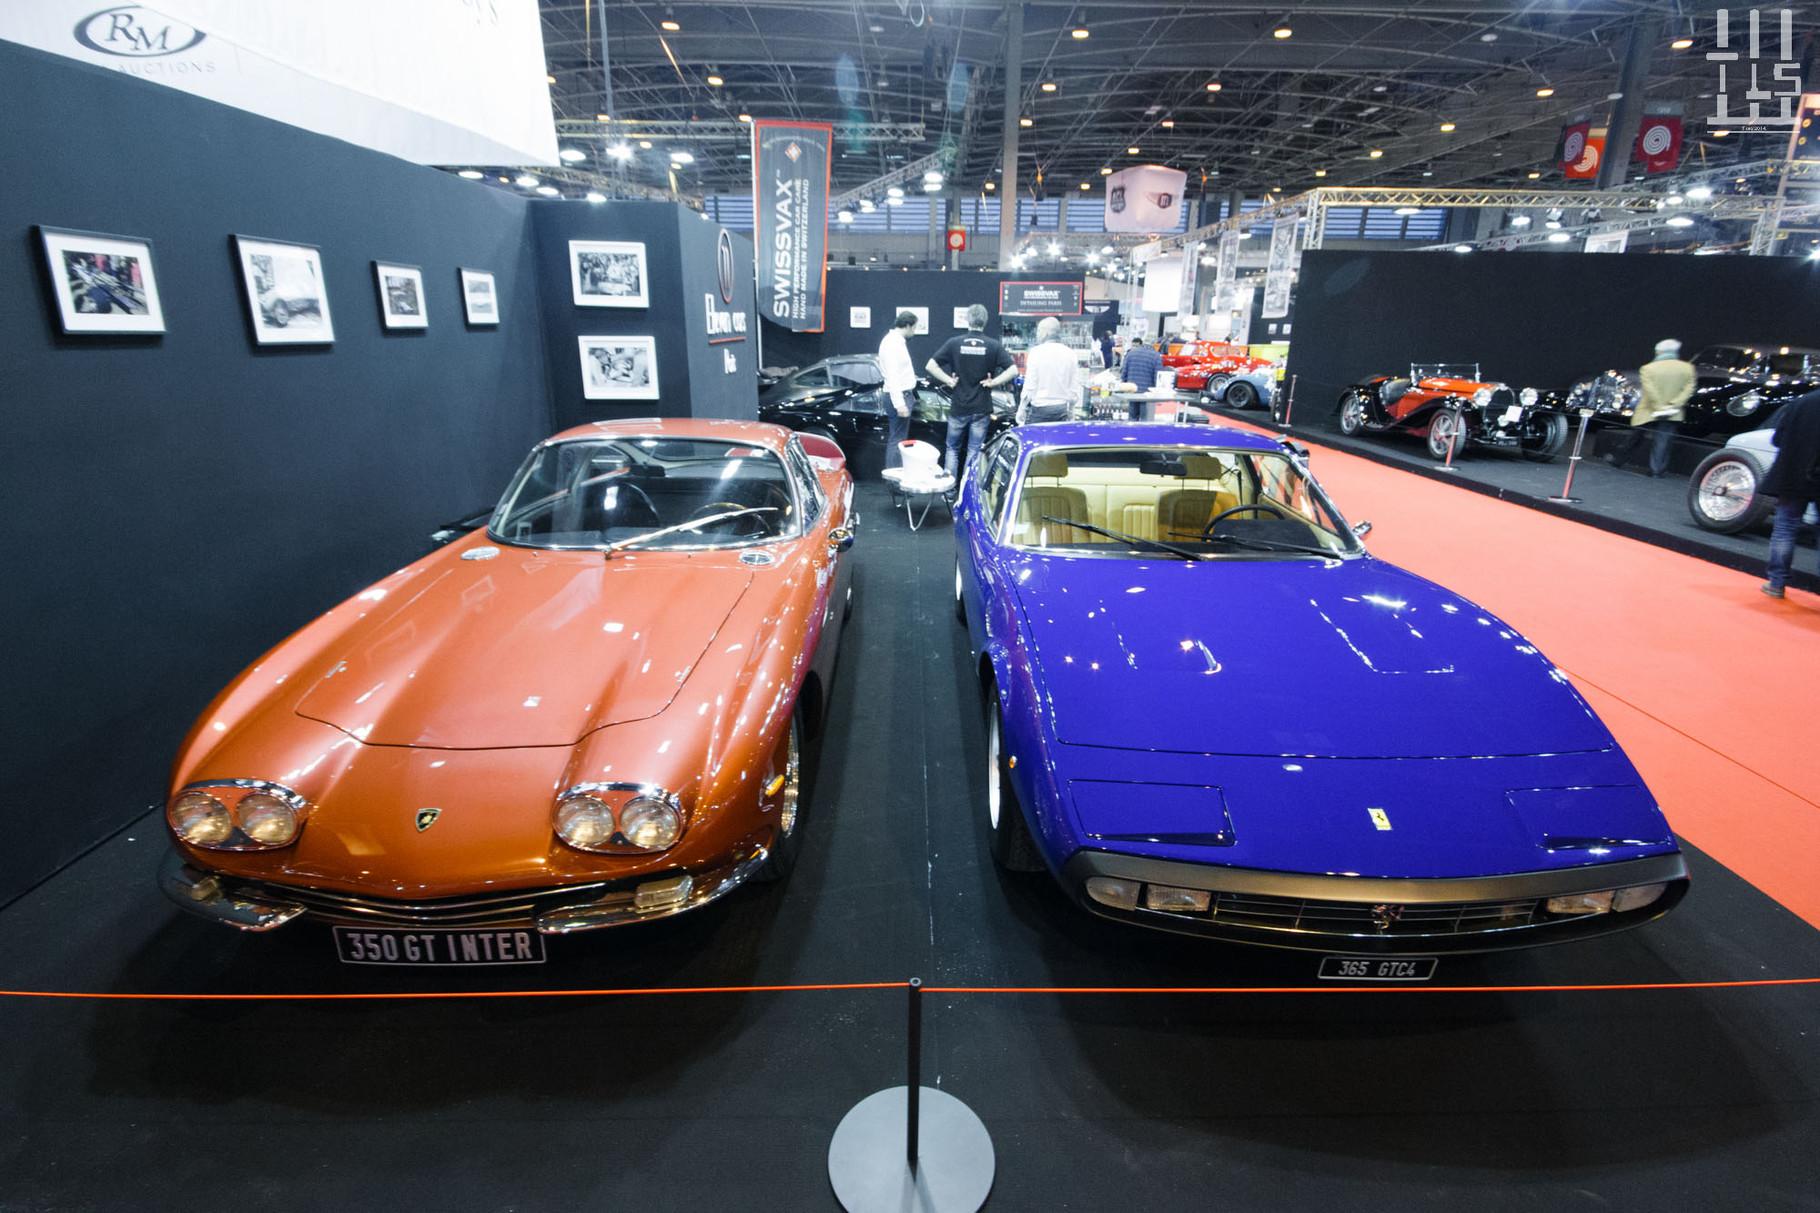 Eleven Cars, un petit garage Parisien qui commence à se faire un nom, expose une Lamborghini 350 GT et une Ferrari 365 GTC/4 dans de magnifiques teintes., Rétromobile 2016.